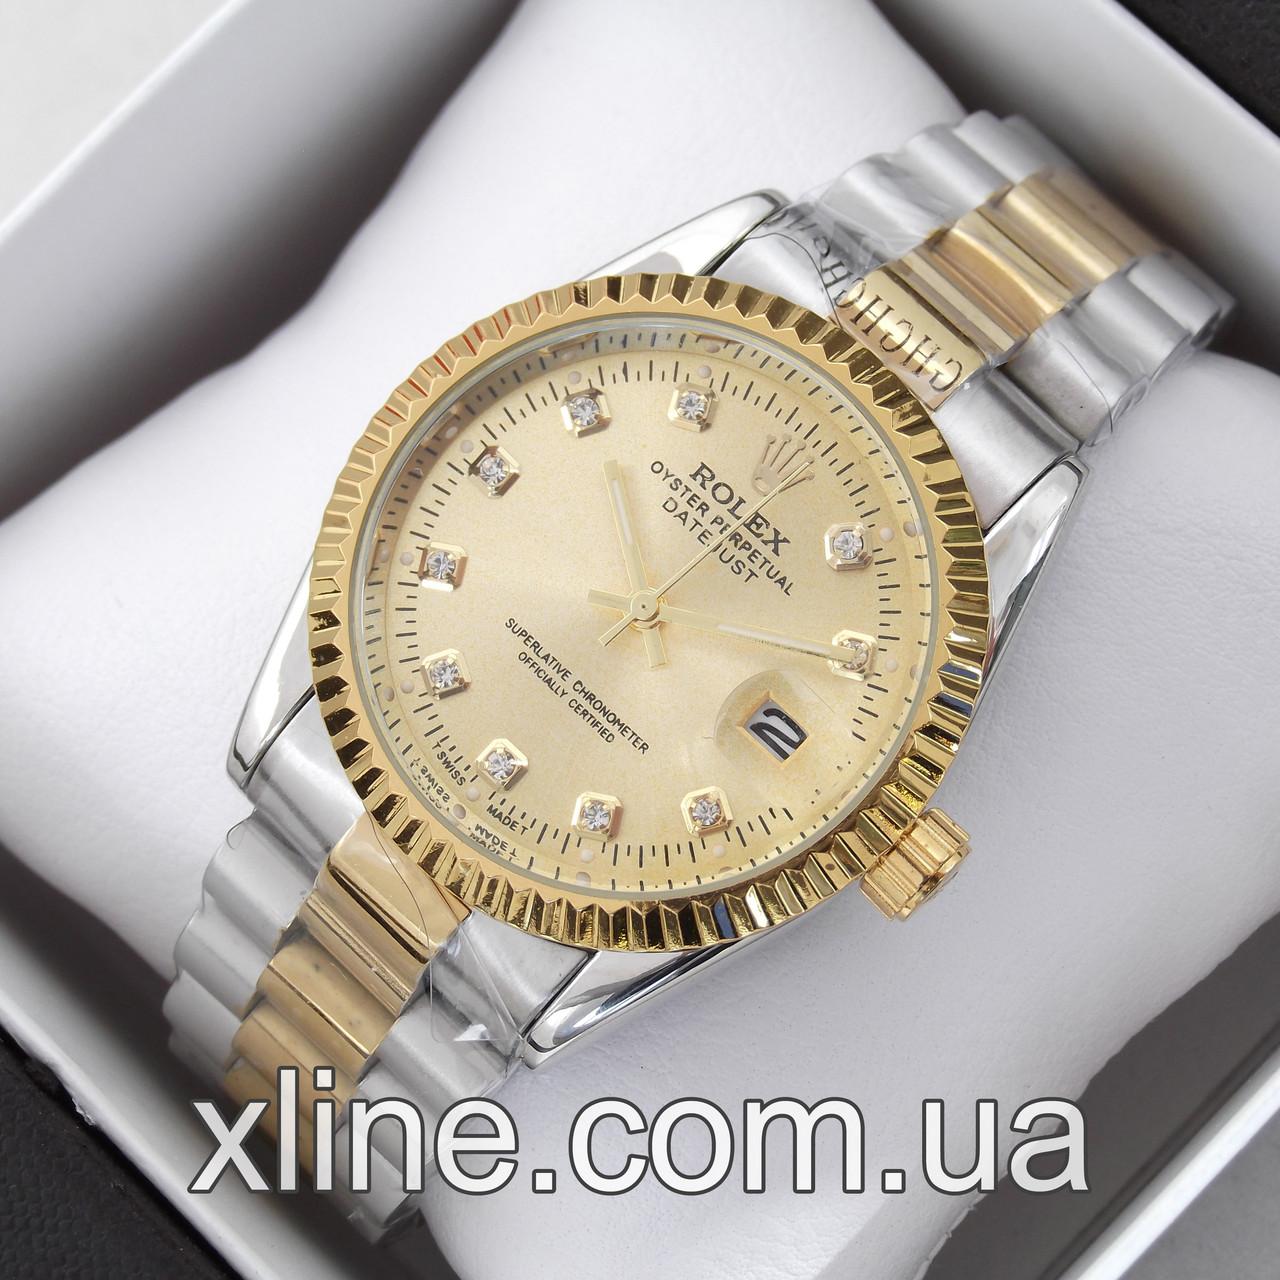 Женские наручные часы Rolex M139 на металлическом браслете